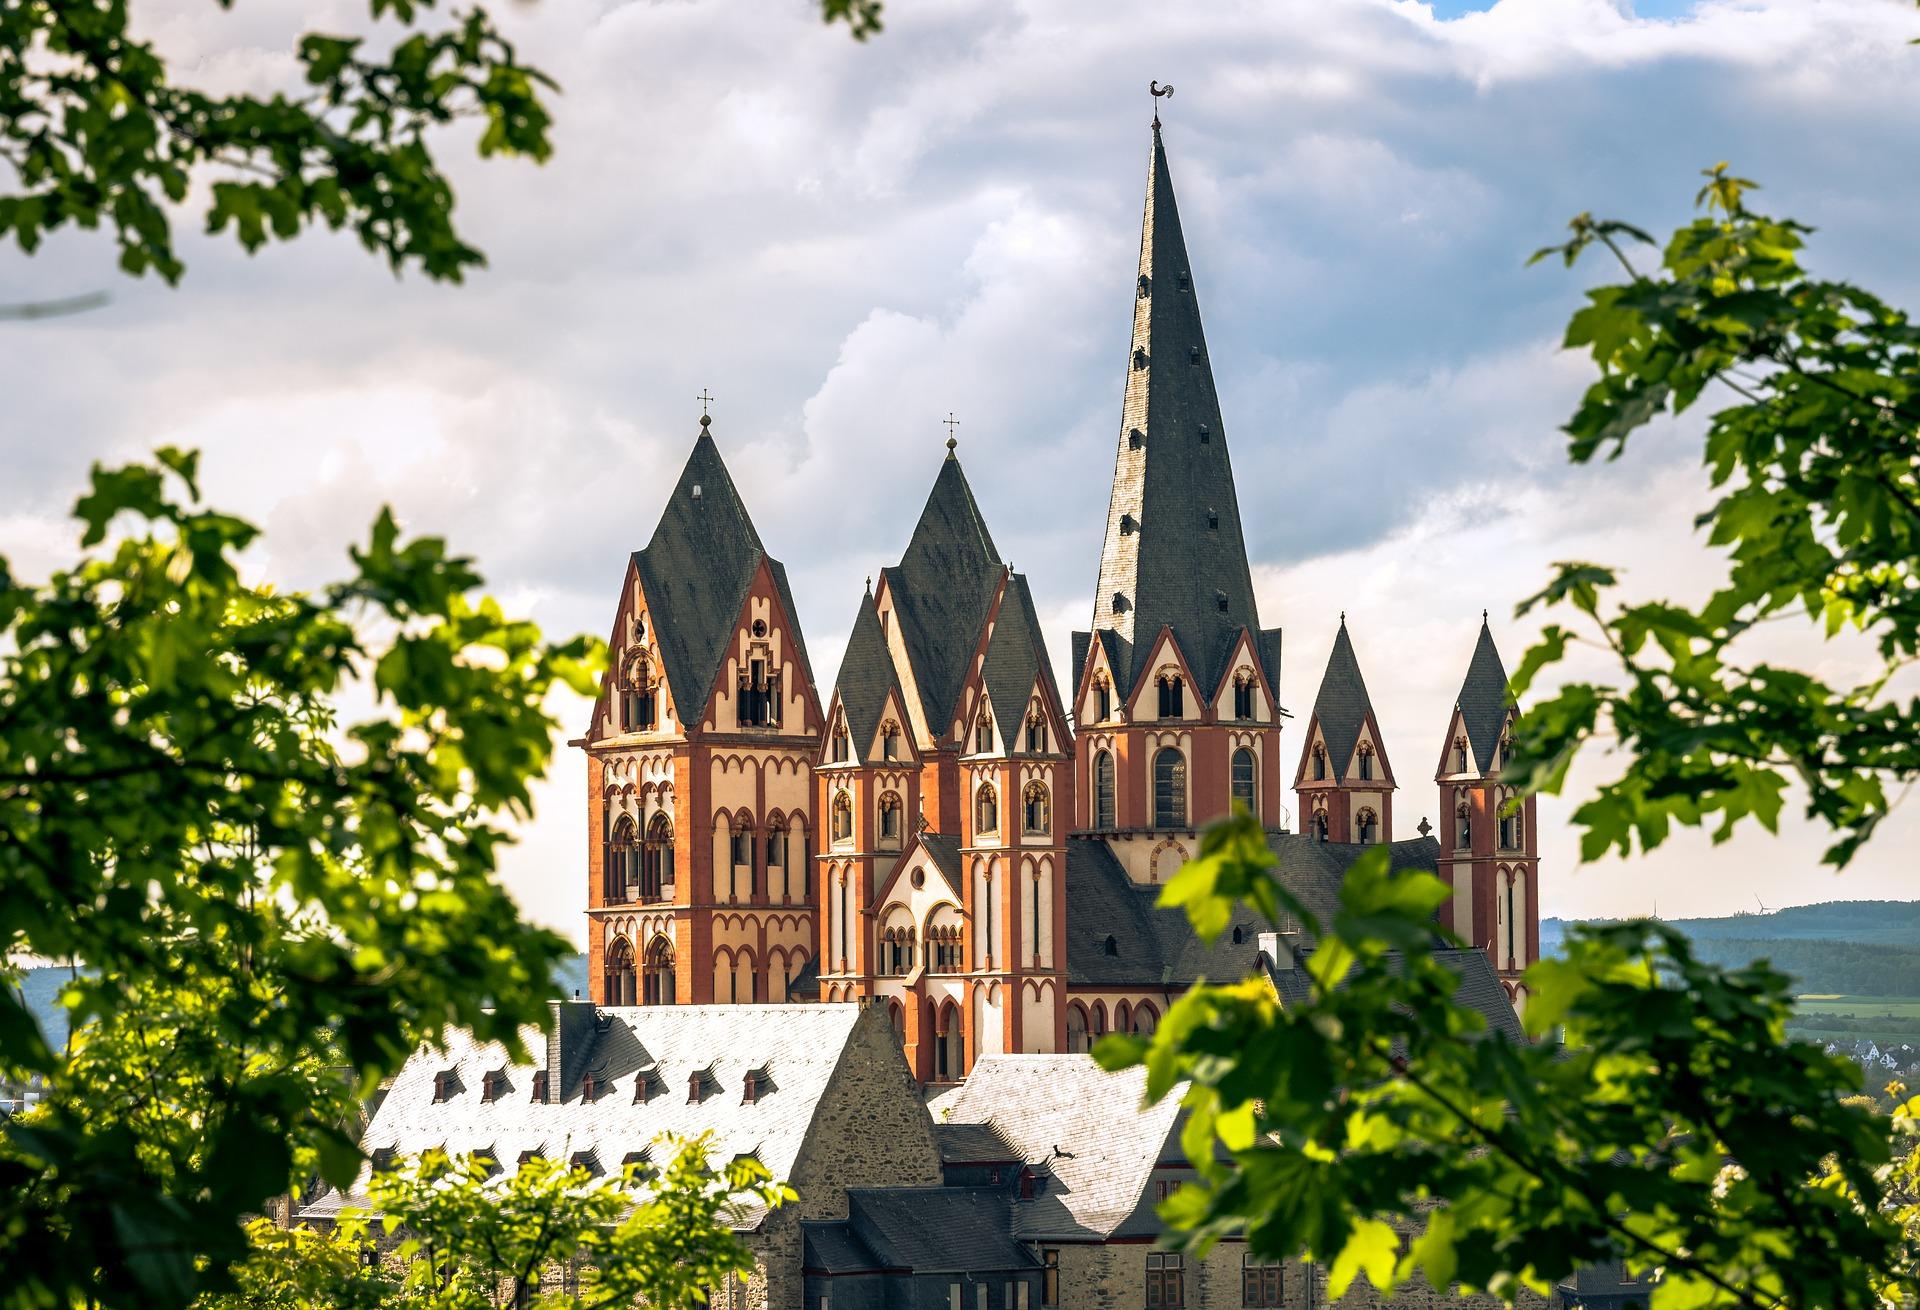 Seniorenimmobilie mit Sofort-Mietertrag Limburg an der Lahn